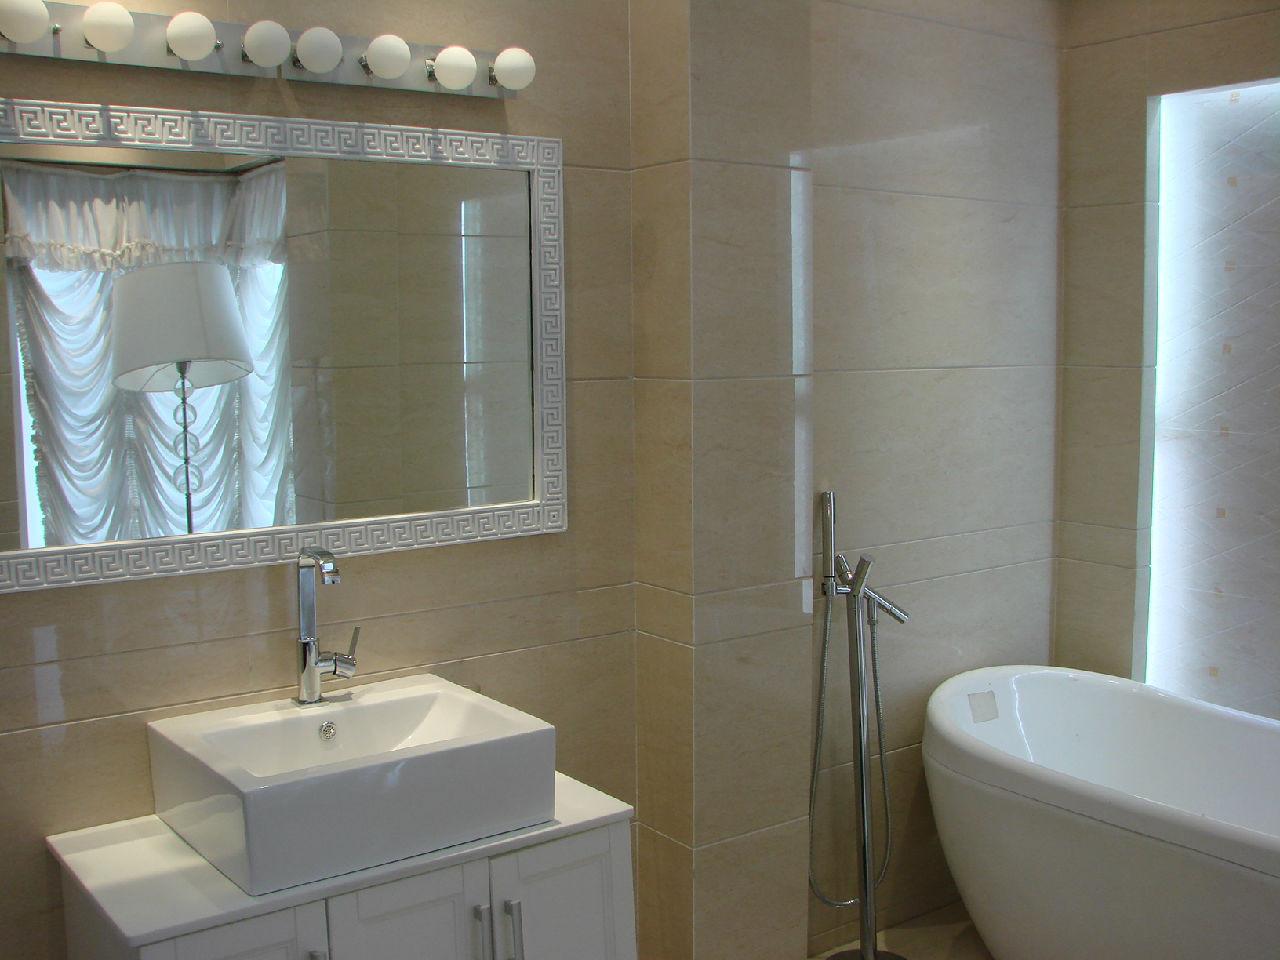 fd80552k ,诺贝尔瓷砖子安专营店,诺贝尔,建材高清图片